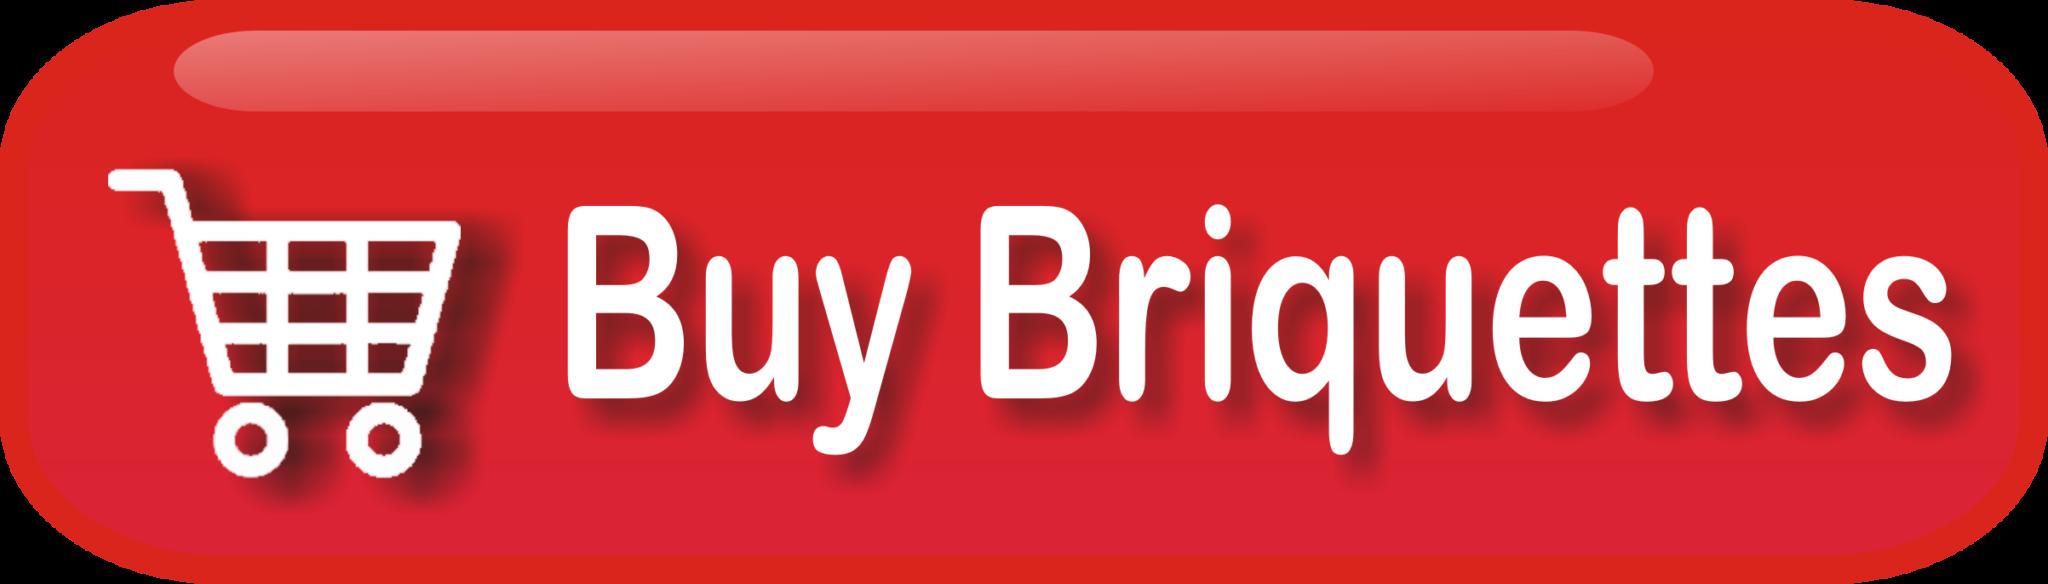 buy briquette